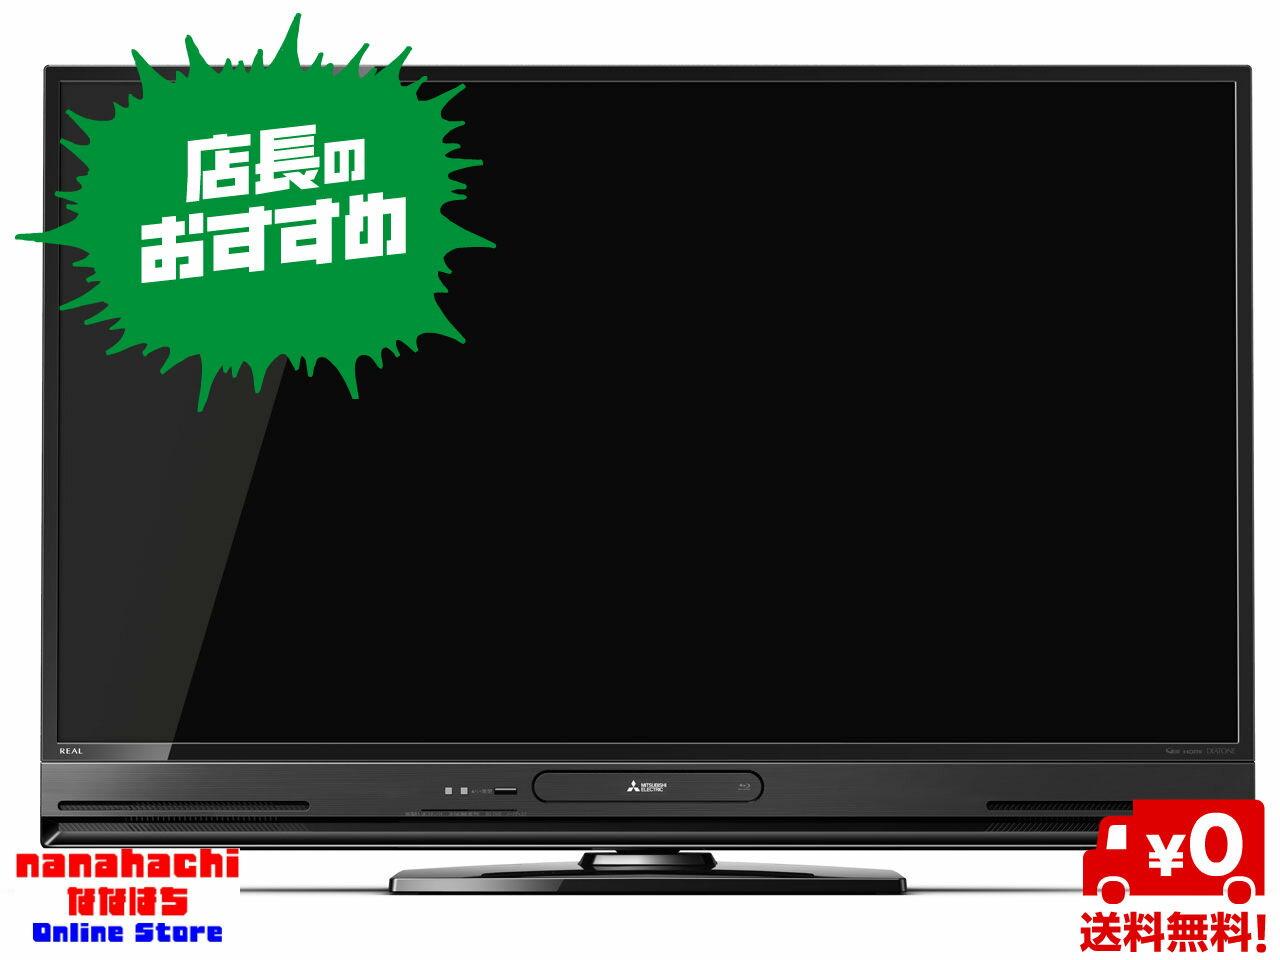 三菱 LCD-A50BHR8 MITSUBISHI REALリアル■50V型 ブルーレイディスク+1TB HDD内蔵 ハイビジョン液晶テレビハードディスク内蔵ブルーレイレコーダー搭載録画テレビ【送料無料・一部地域を除く】